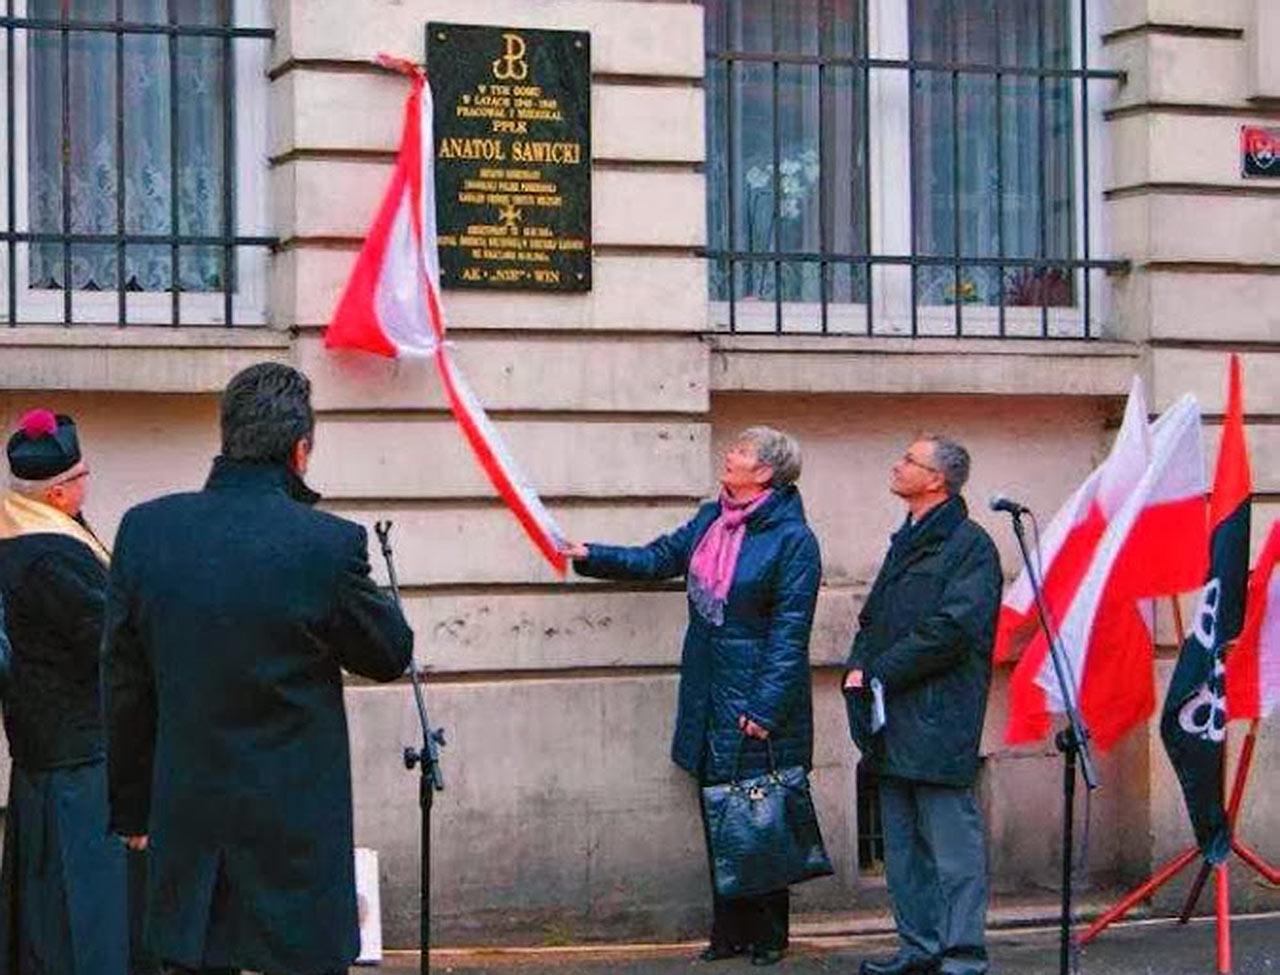 Odsłonięcie tablicy upamiętniającej Anatola Sawickiego w Lubaniu. Źródło - naszeluzyce.pl